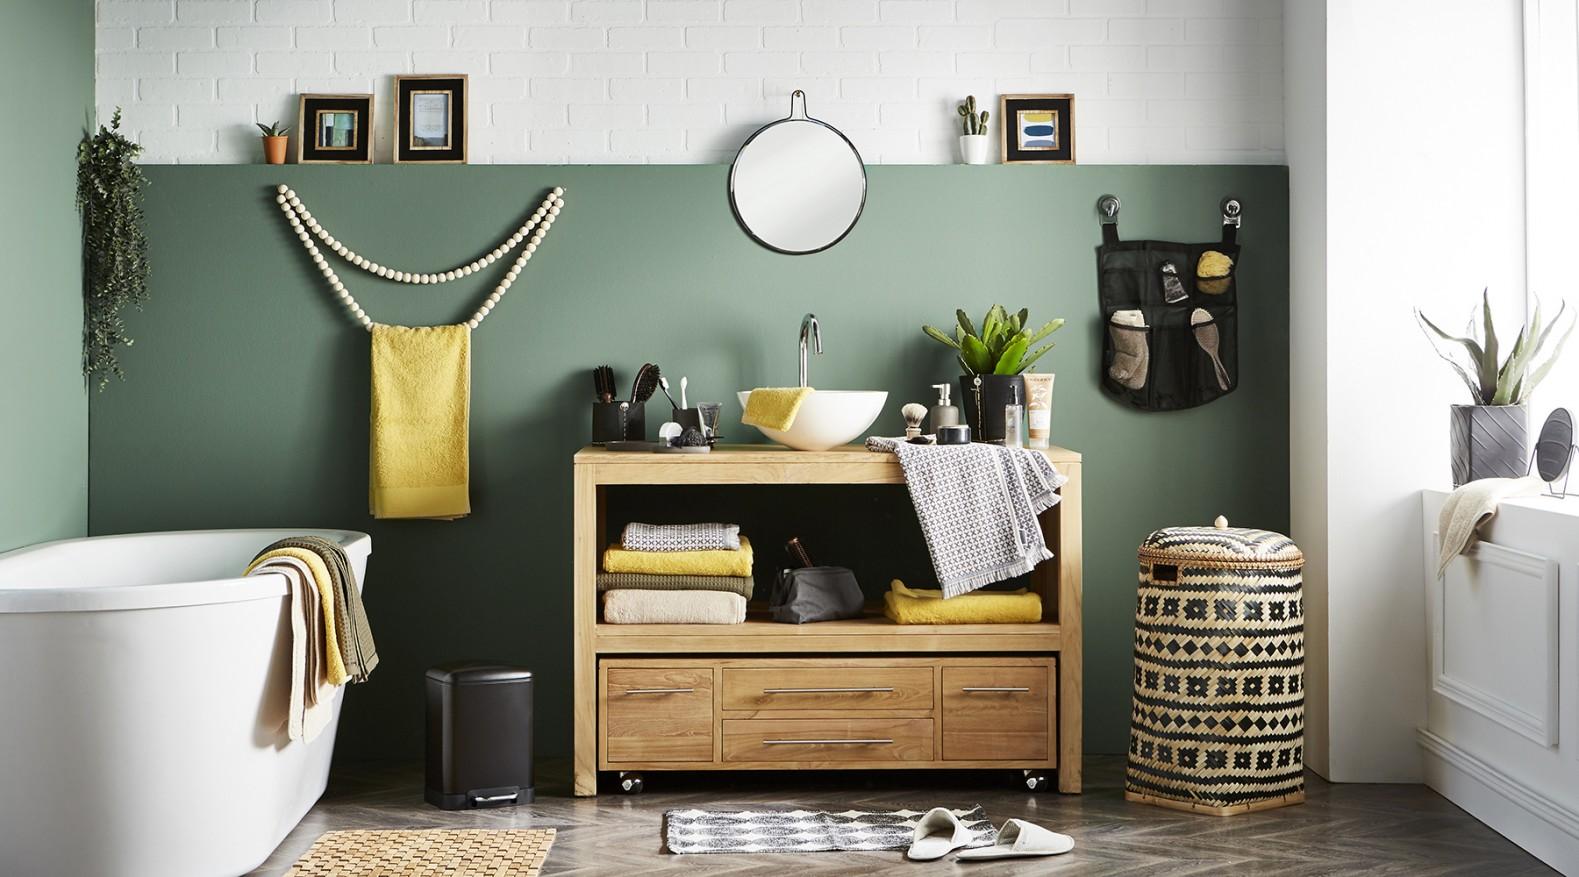 D coration d 39 int rieur le bon vert pour vos murs holborn - Blog decoration interieur ...